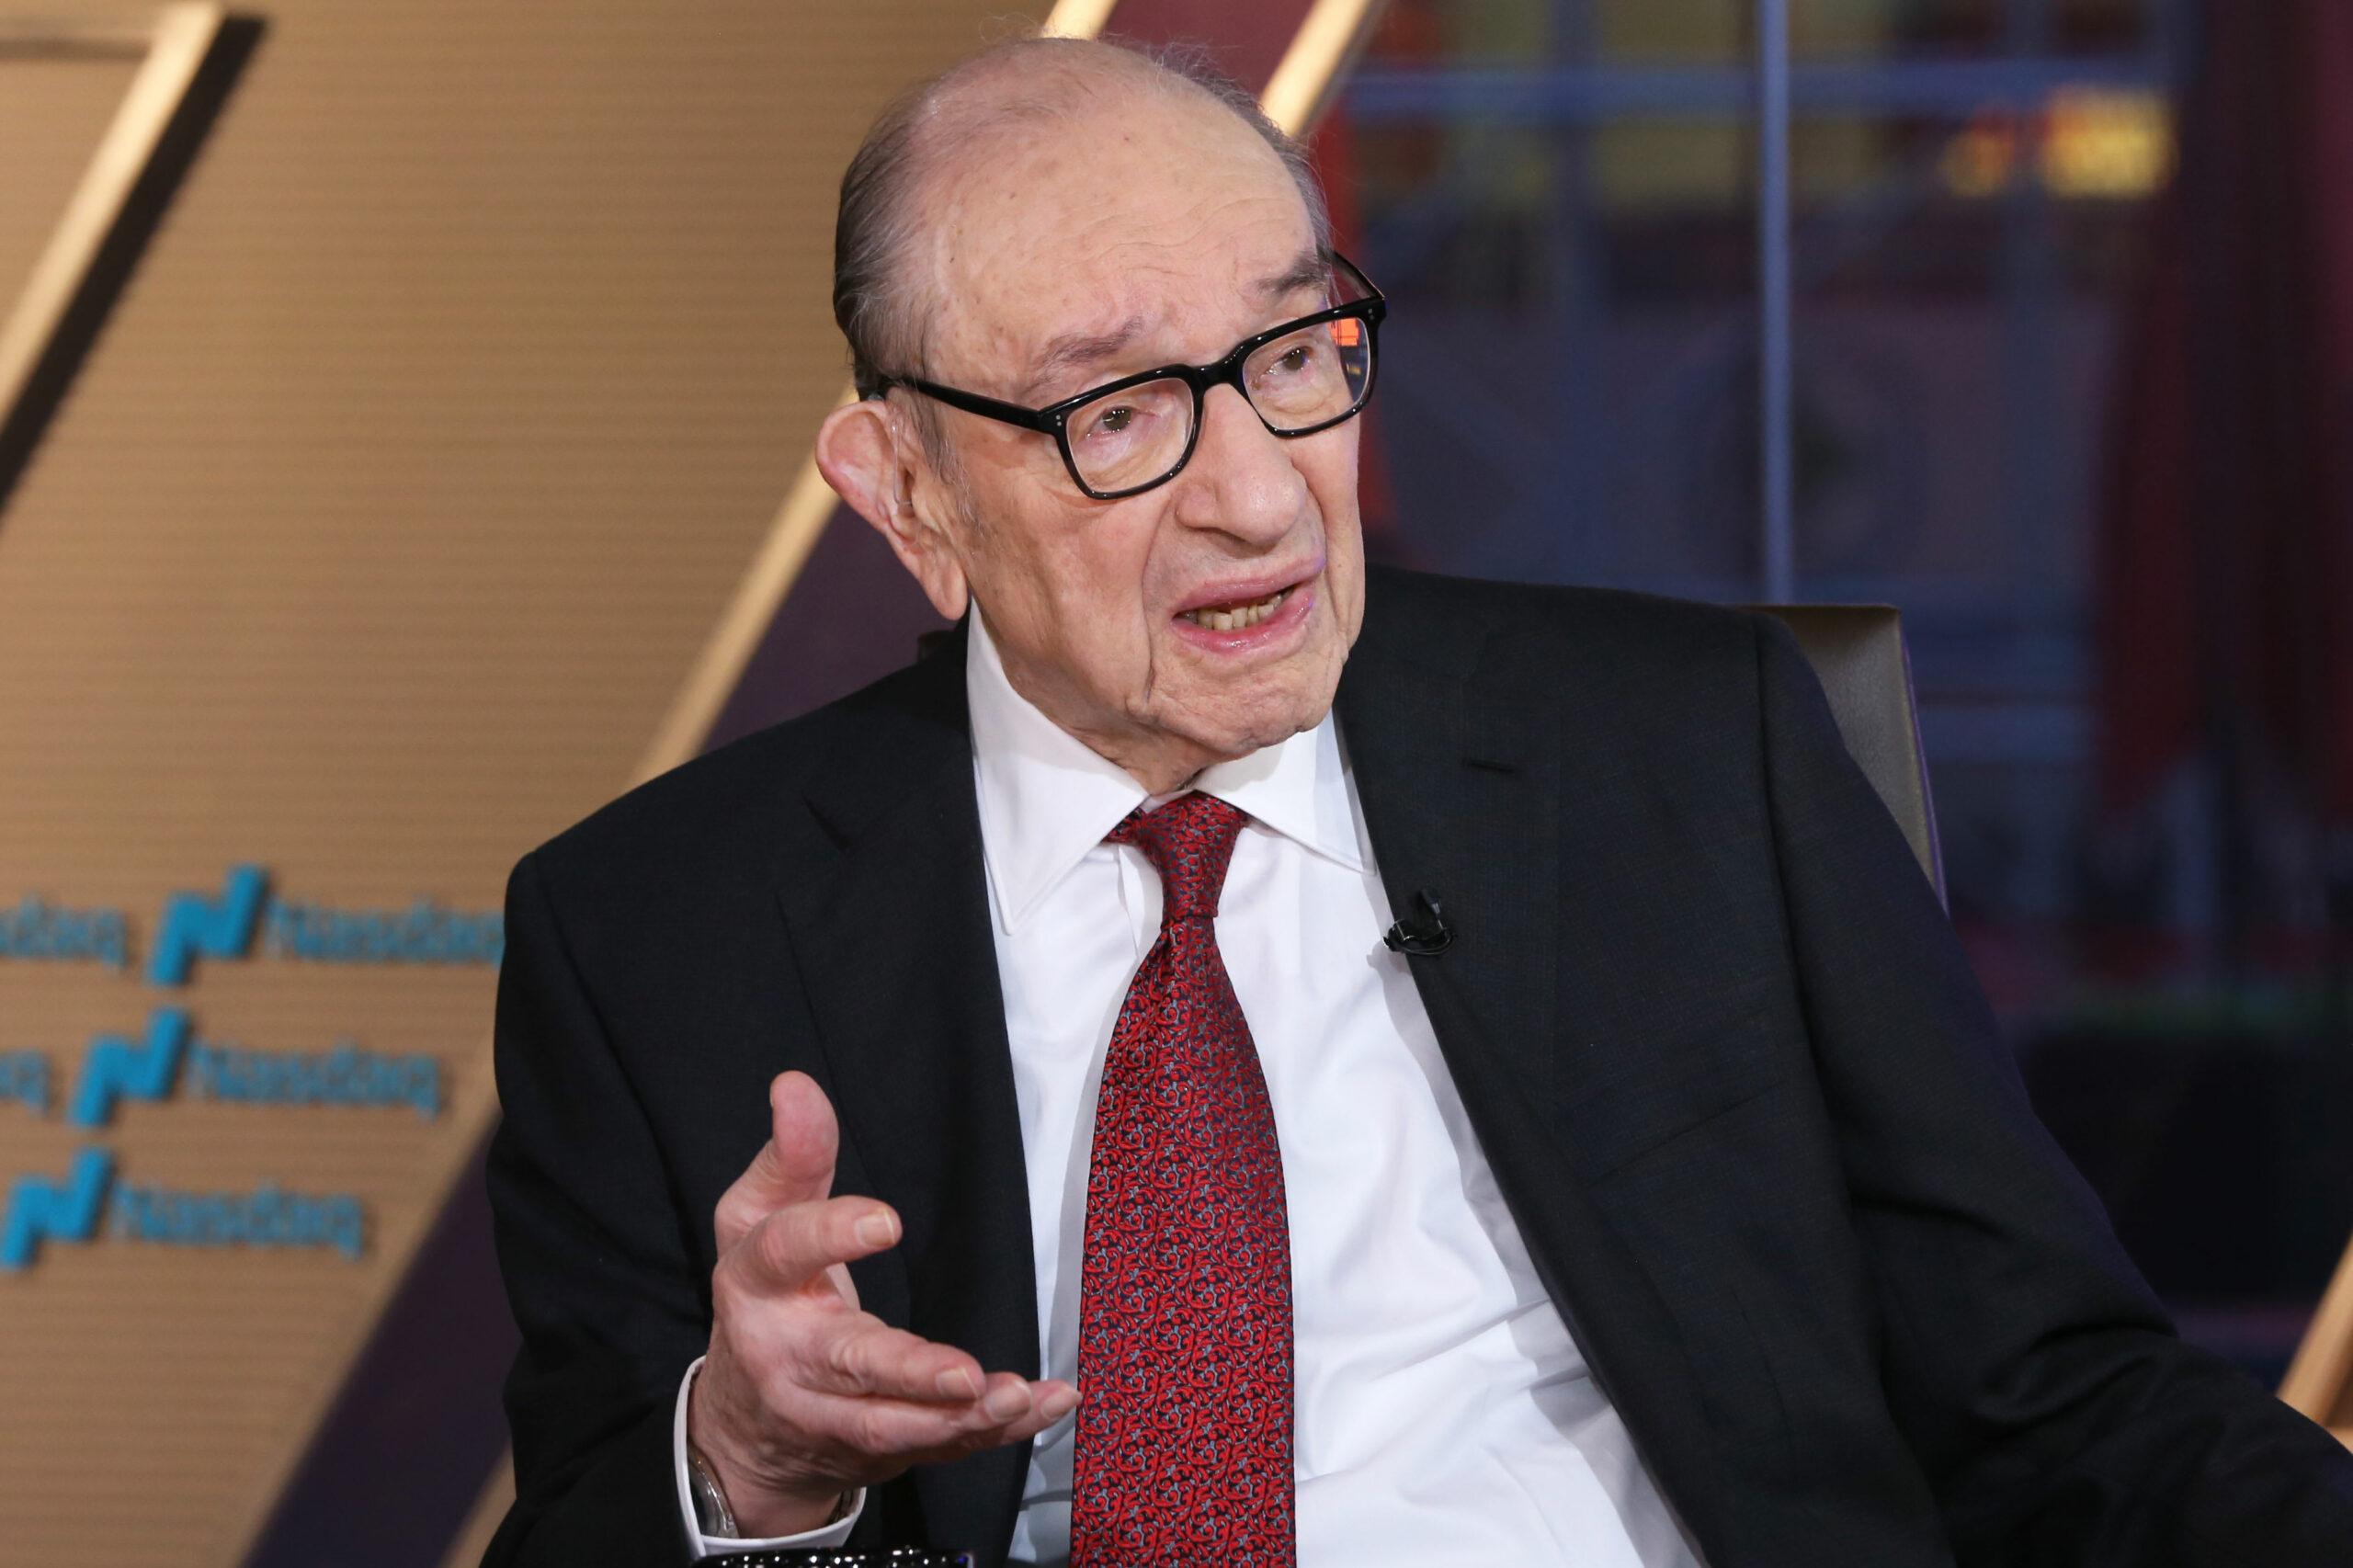 En este momento estás viendo El ex presidente de la Fed, Alan Greenspan, dice que 'no tiene sentido' que los bancos centrales pasen a la moneda digital